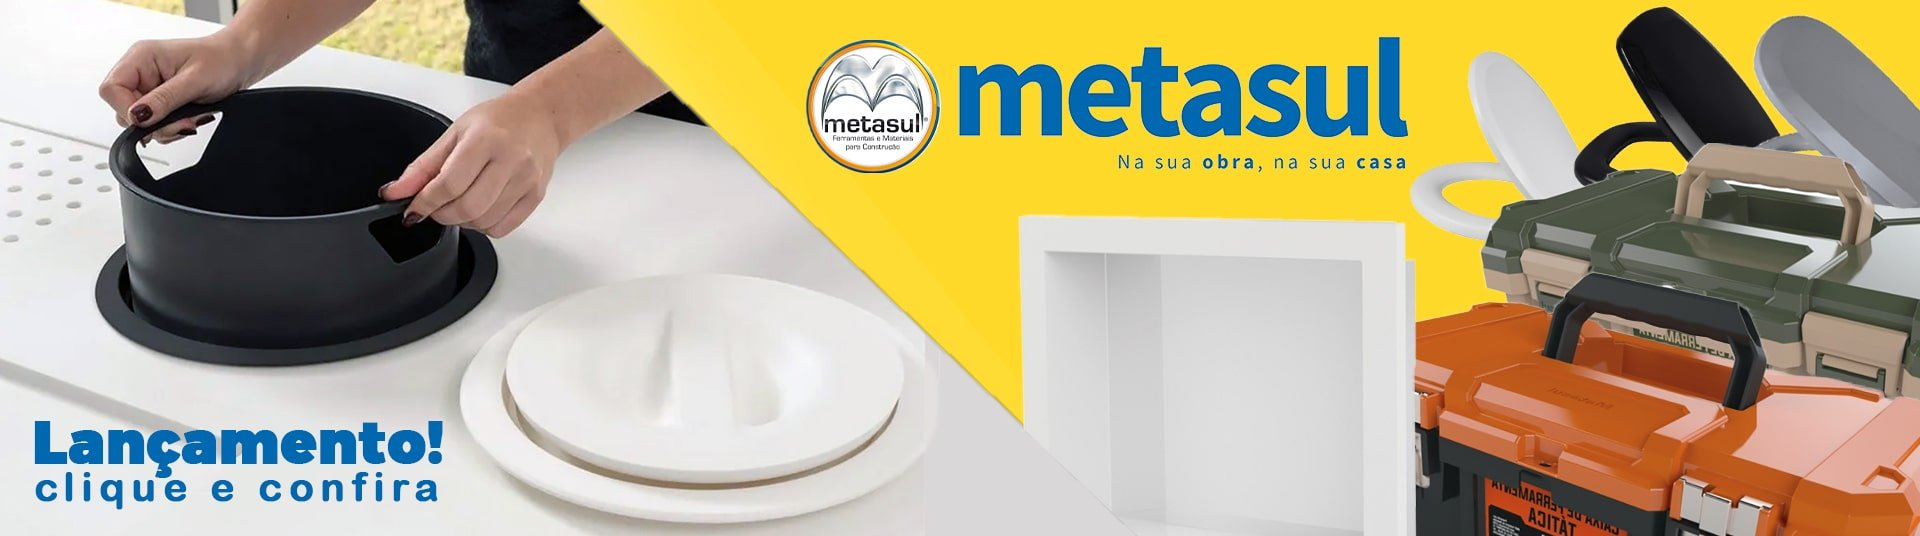 metasul